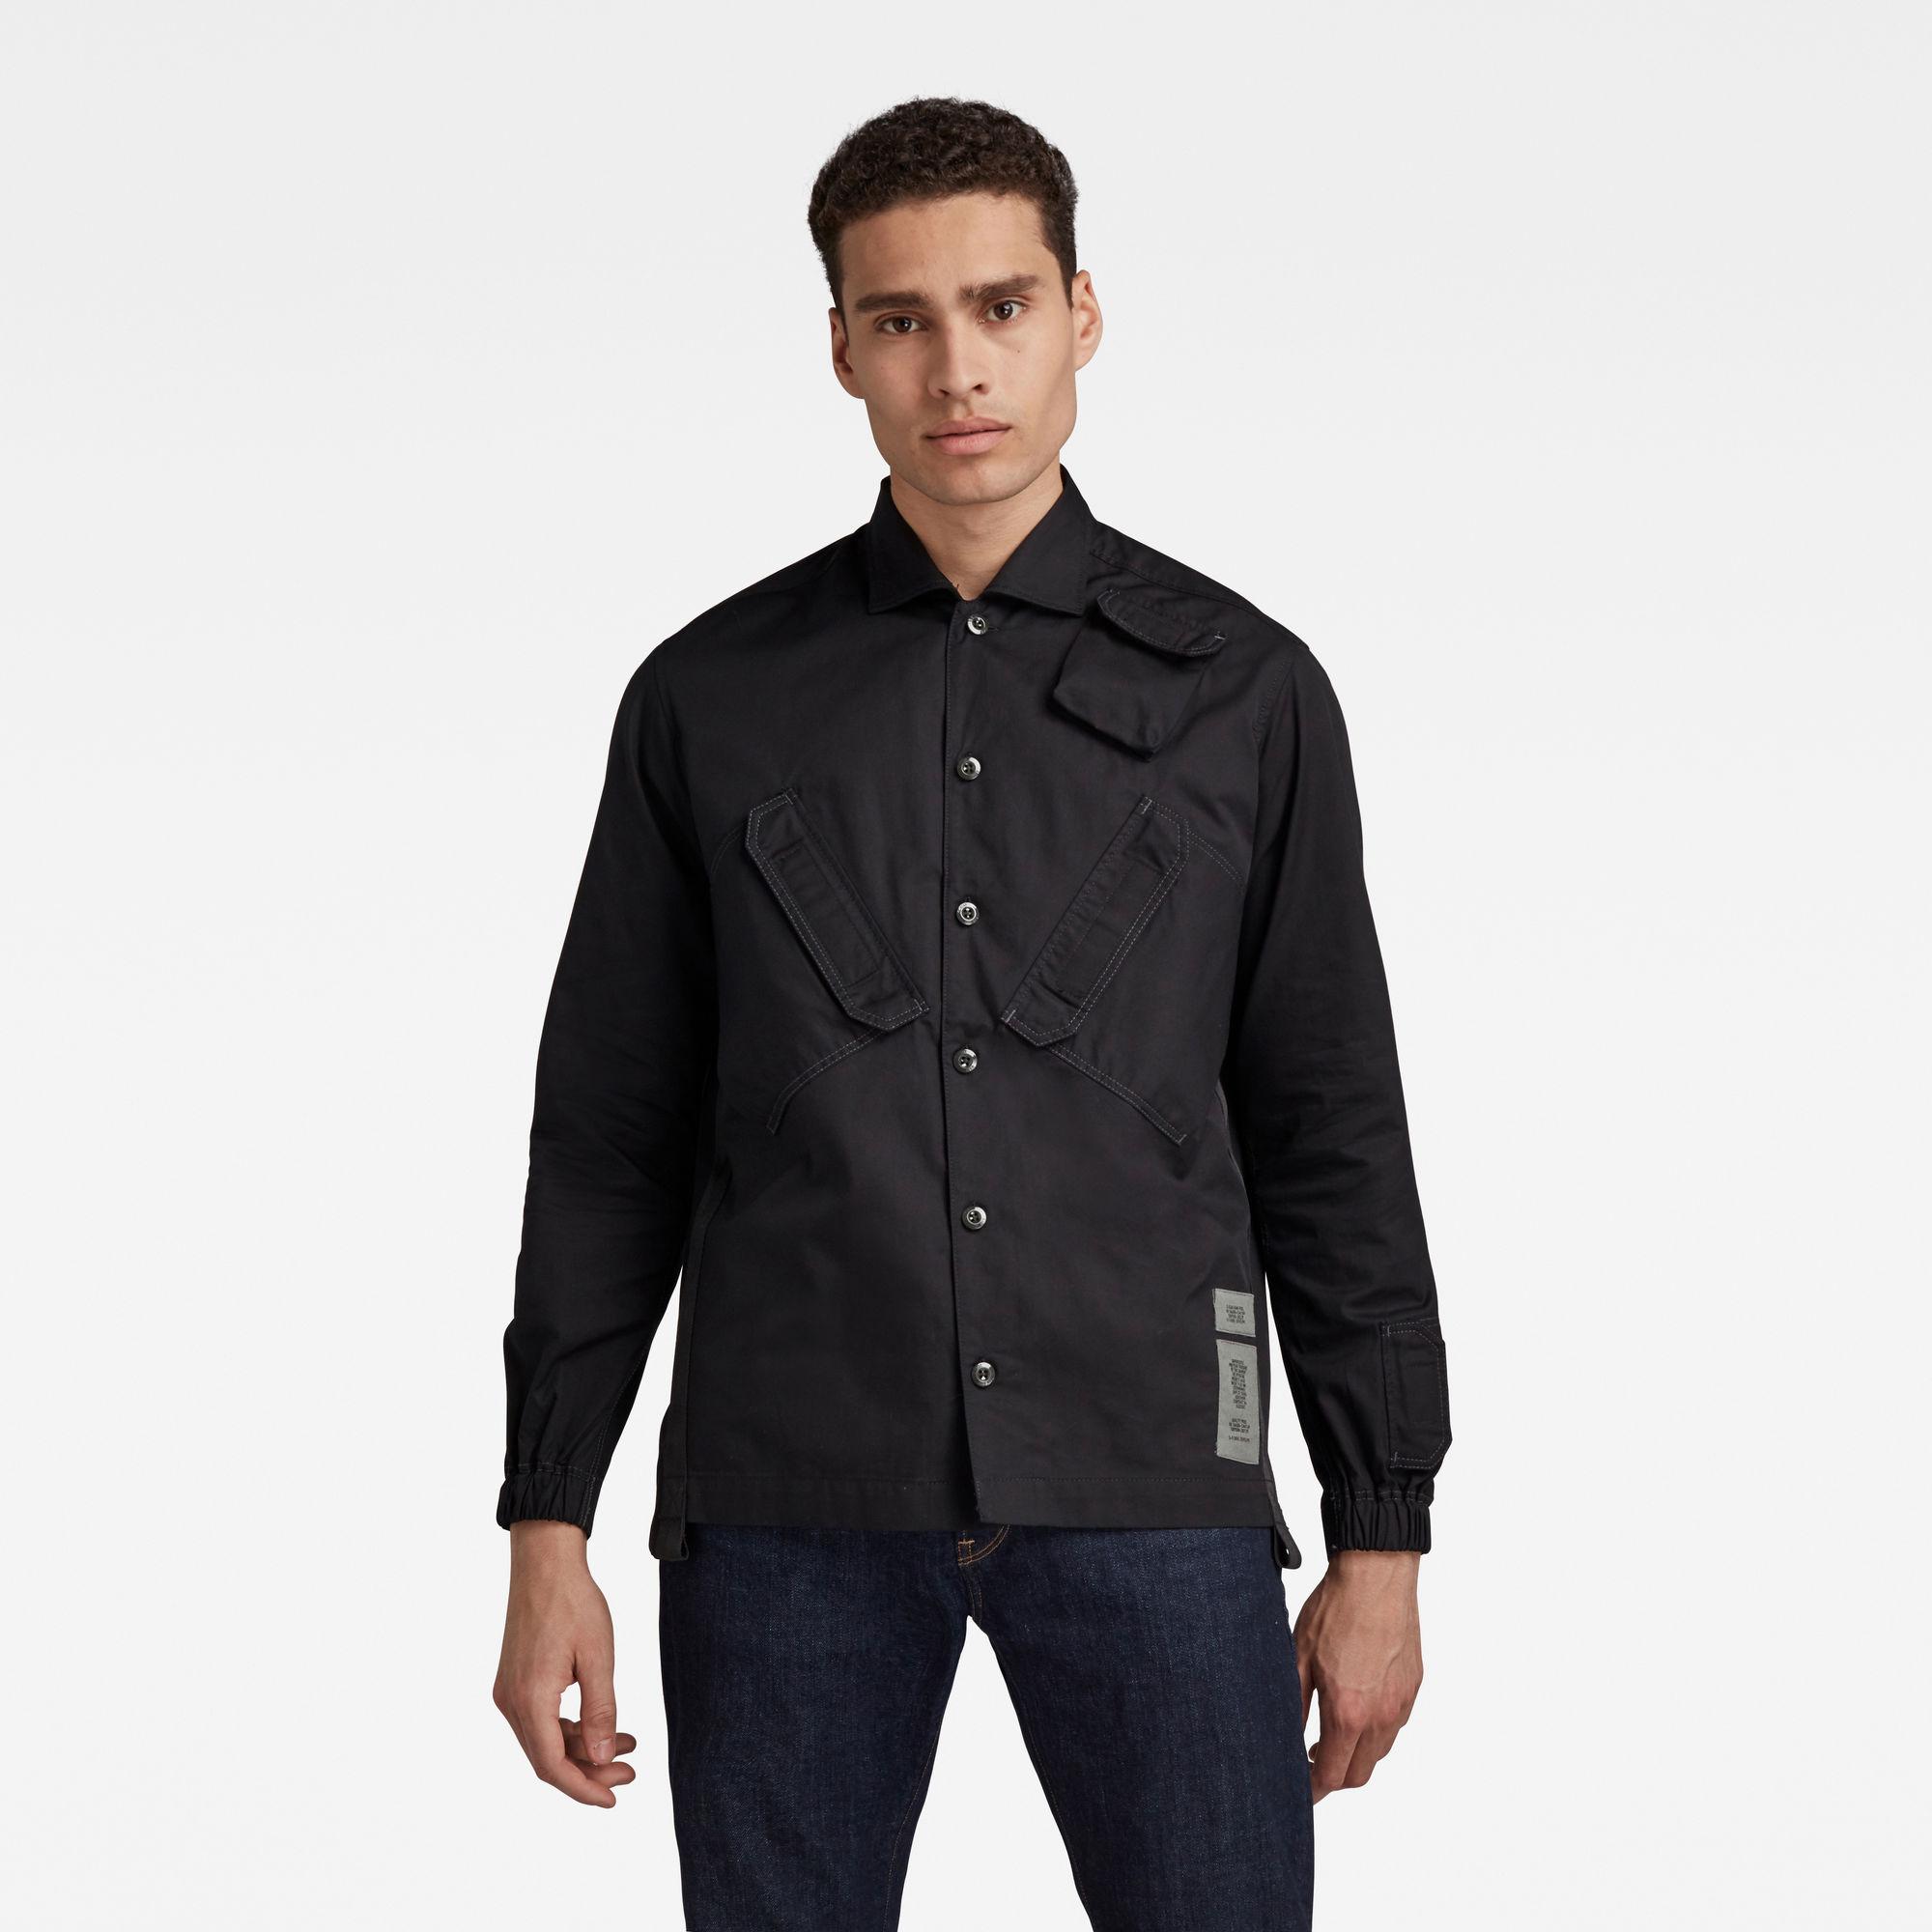 G-Star RAW Heren Multi Slant Pocket Relaxed Shirt Zwart